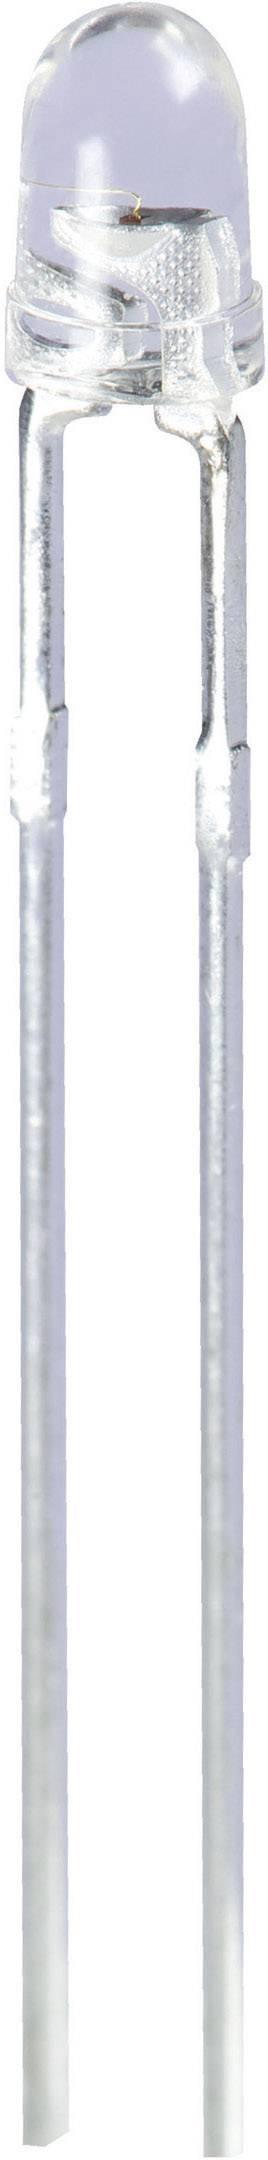 LEDsvývodmi Kingbright L-7104QBC-D, typ čočky guľatý, 3 mm, 20 °, 20 mA, 1600 mcd, 3.3 V, modrá